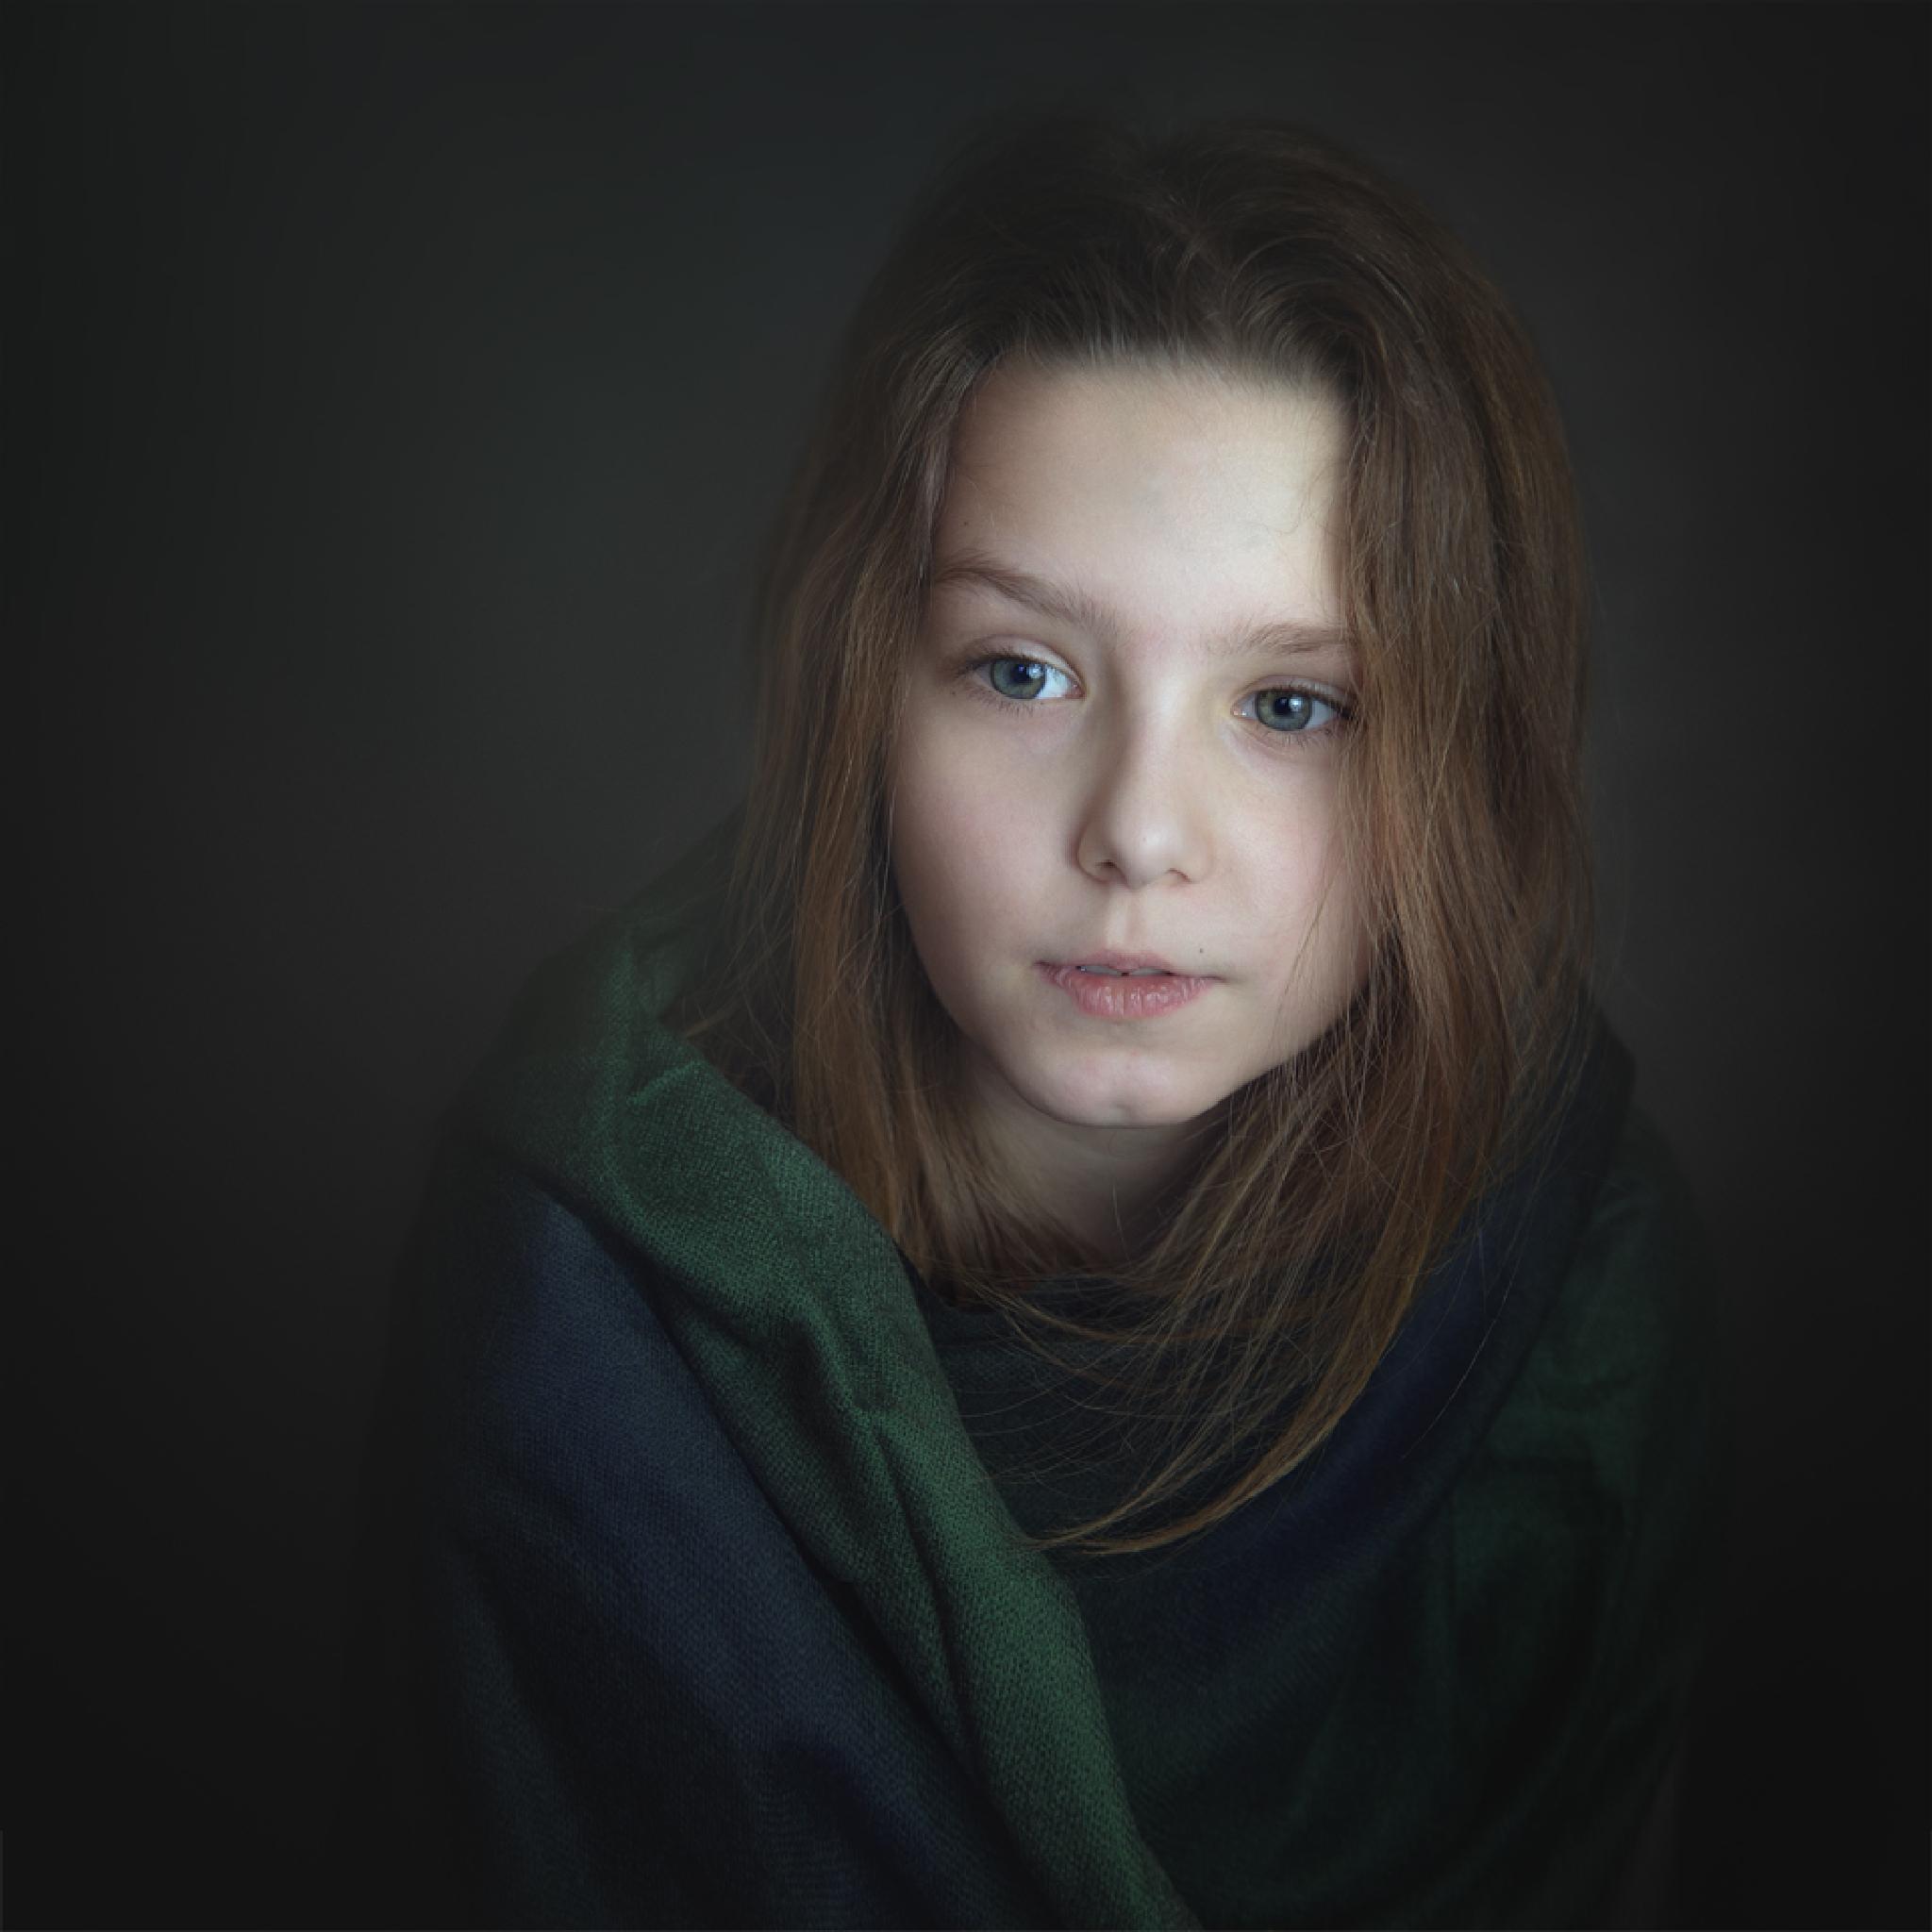 Girl by Renata Korzekwa